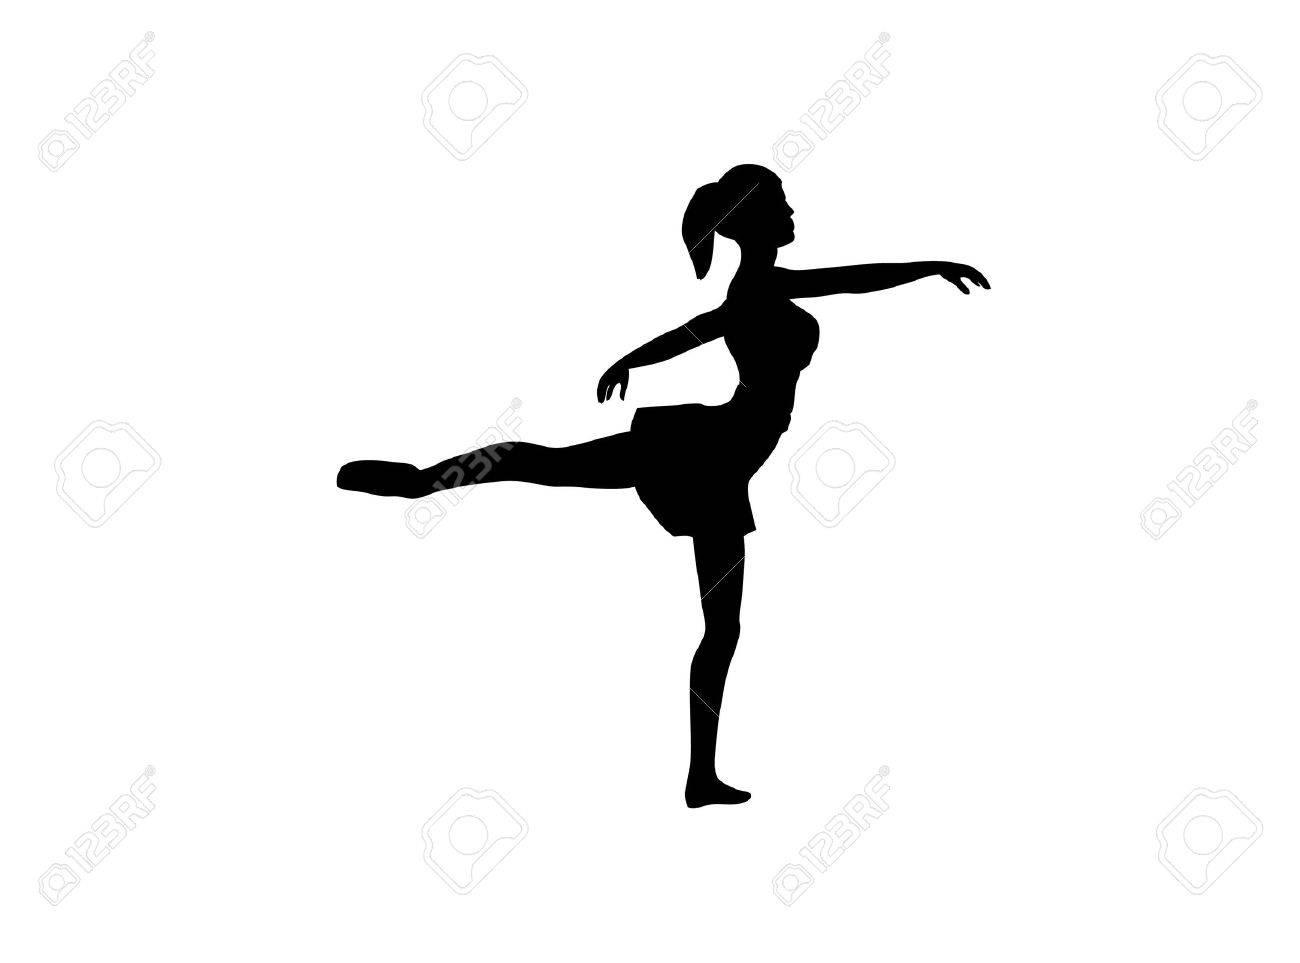 Silueta de un bailarín de ballet. Foto de archivo - 2673110